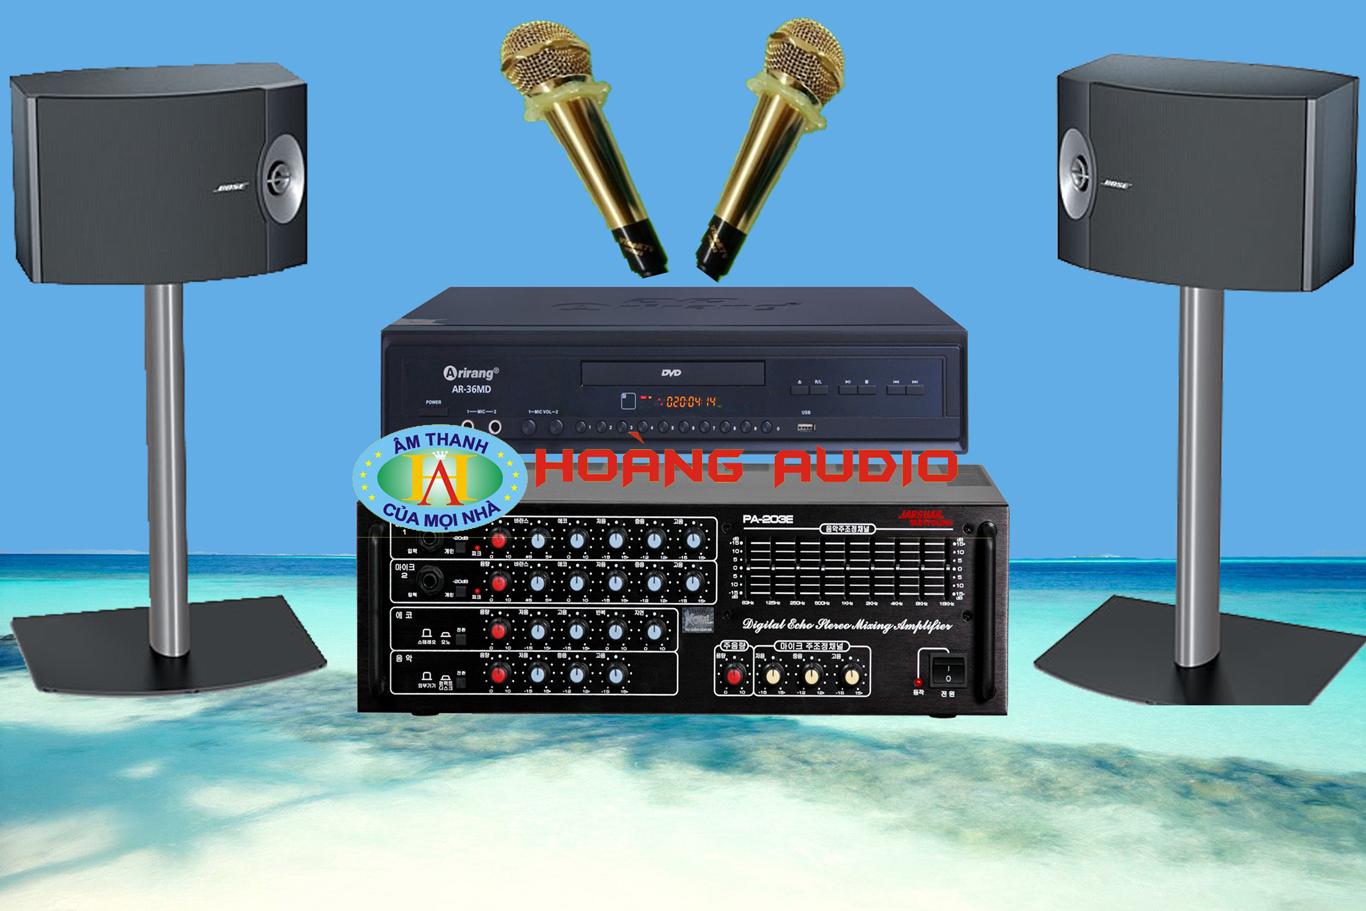 Thumbnail image for Bộ dàn karaoke gia đình HO 39